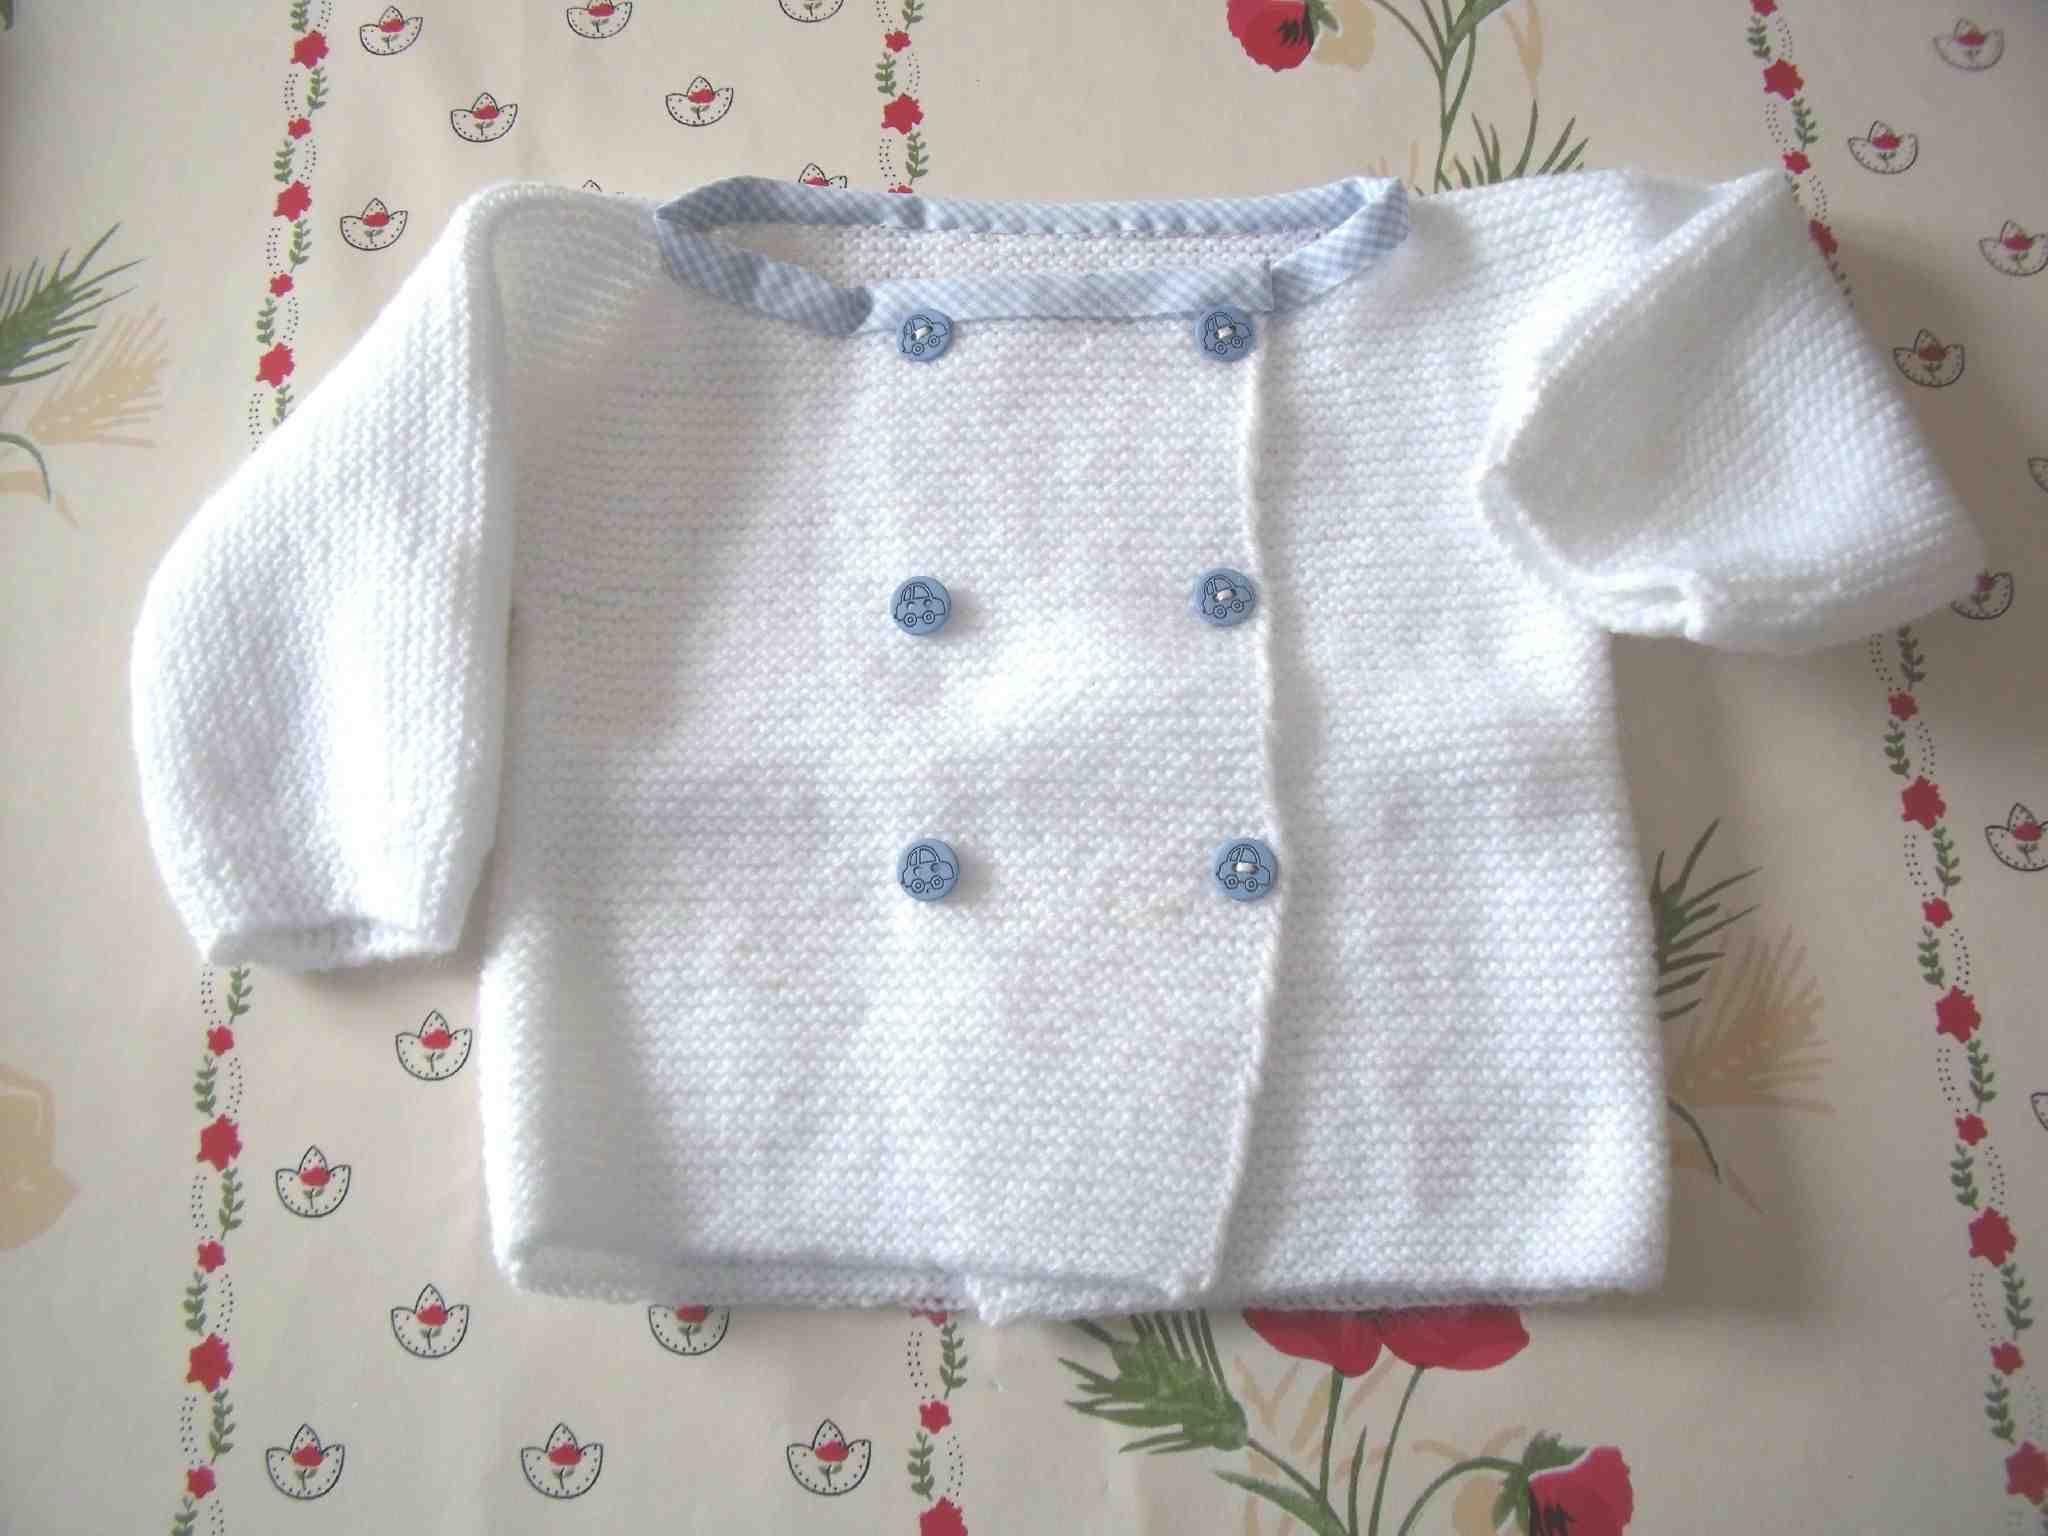 Comment tricoter un simple cardigan femme?